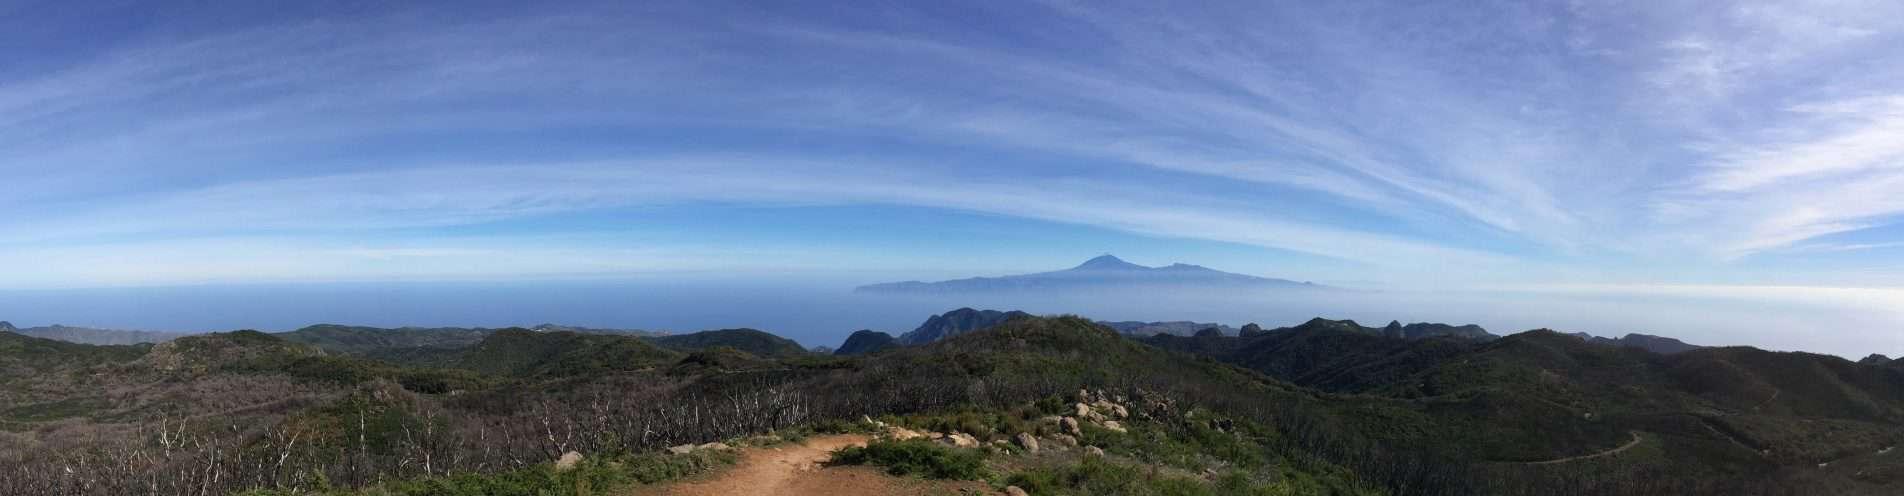 Vista a la vecina isla de Tenerife con el Teide